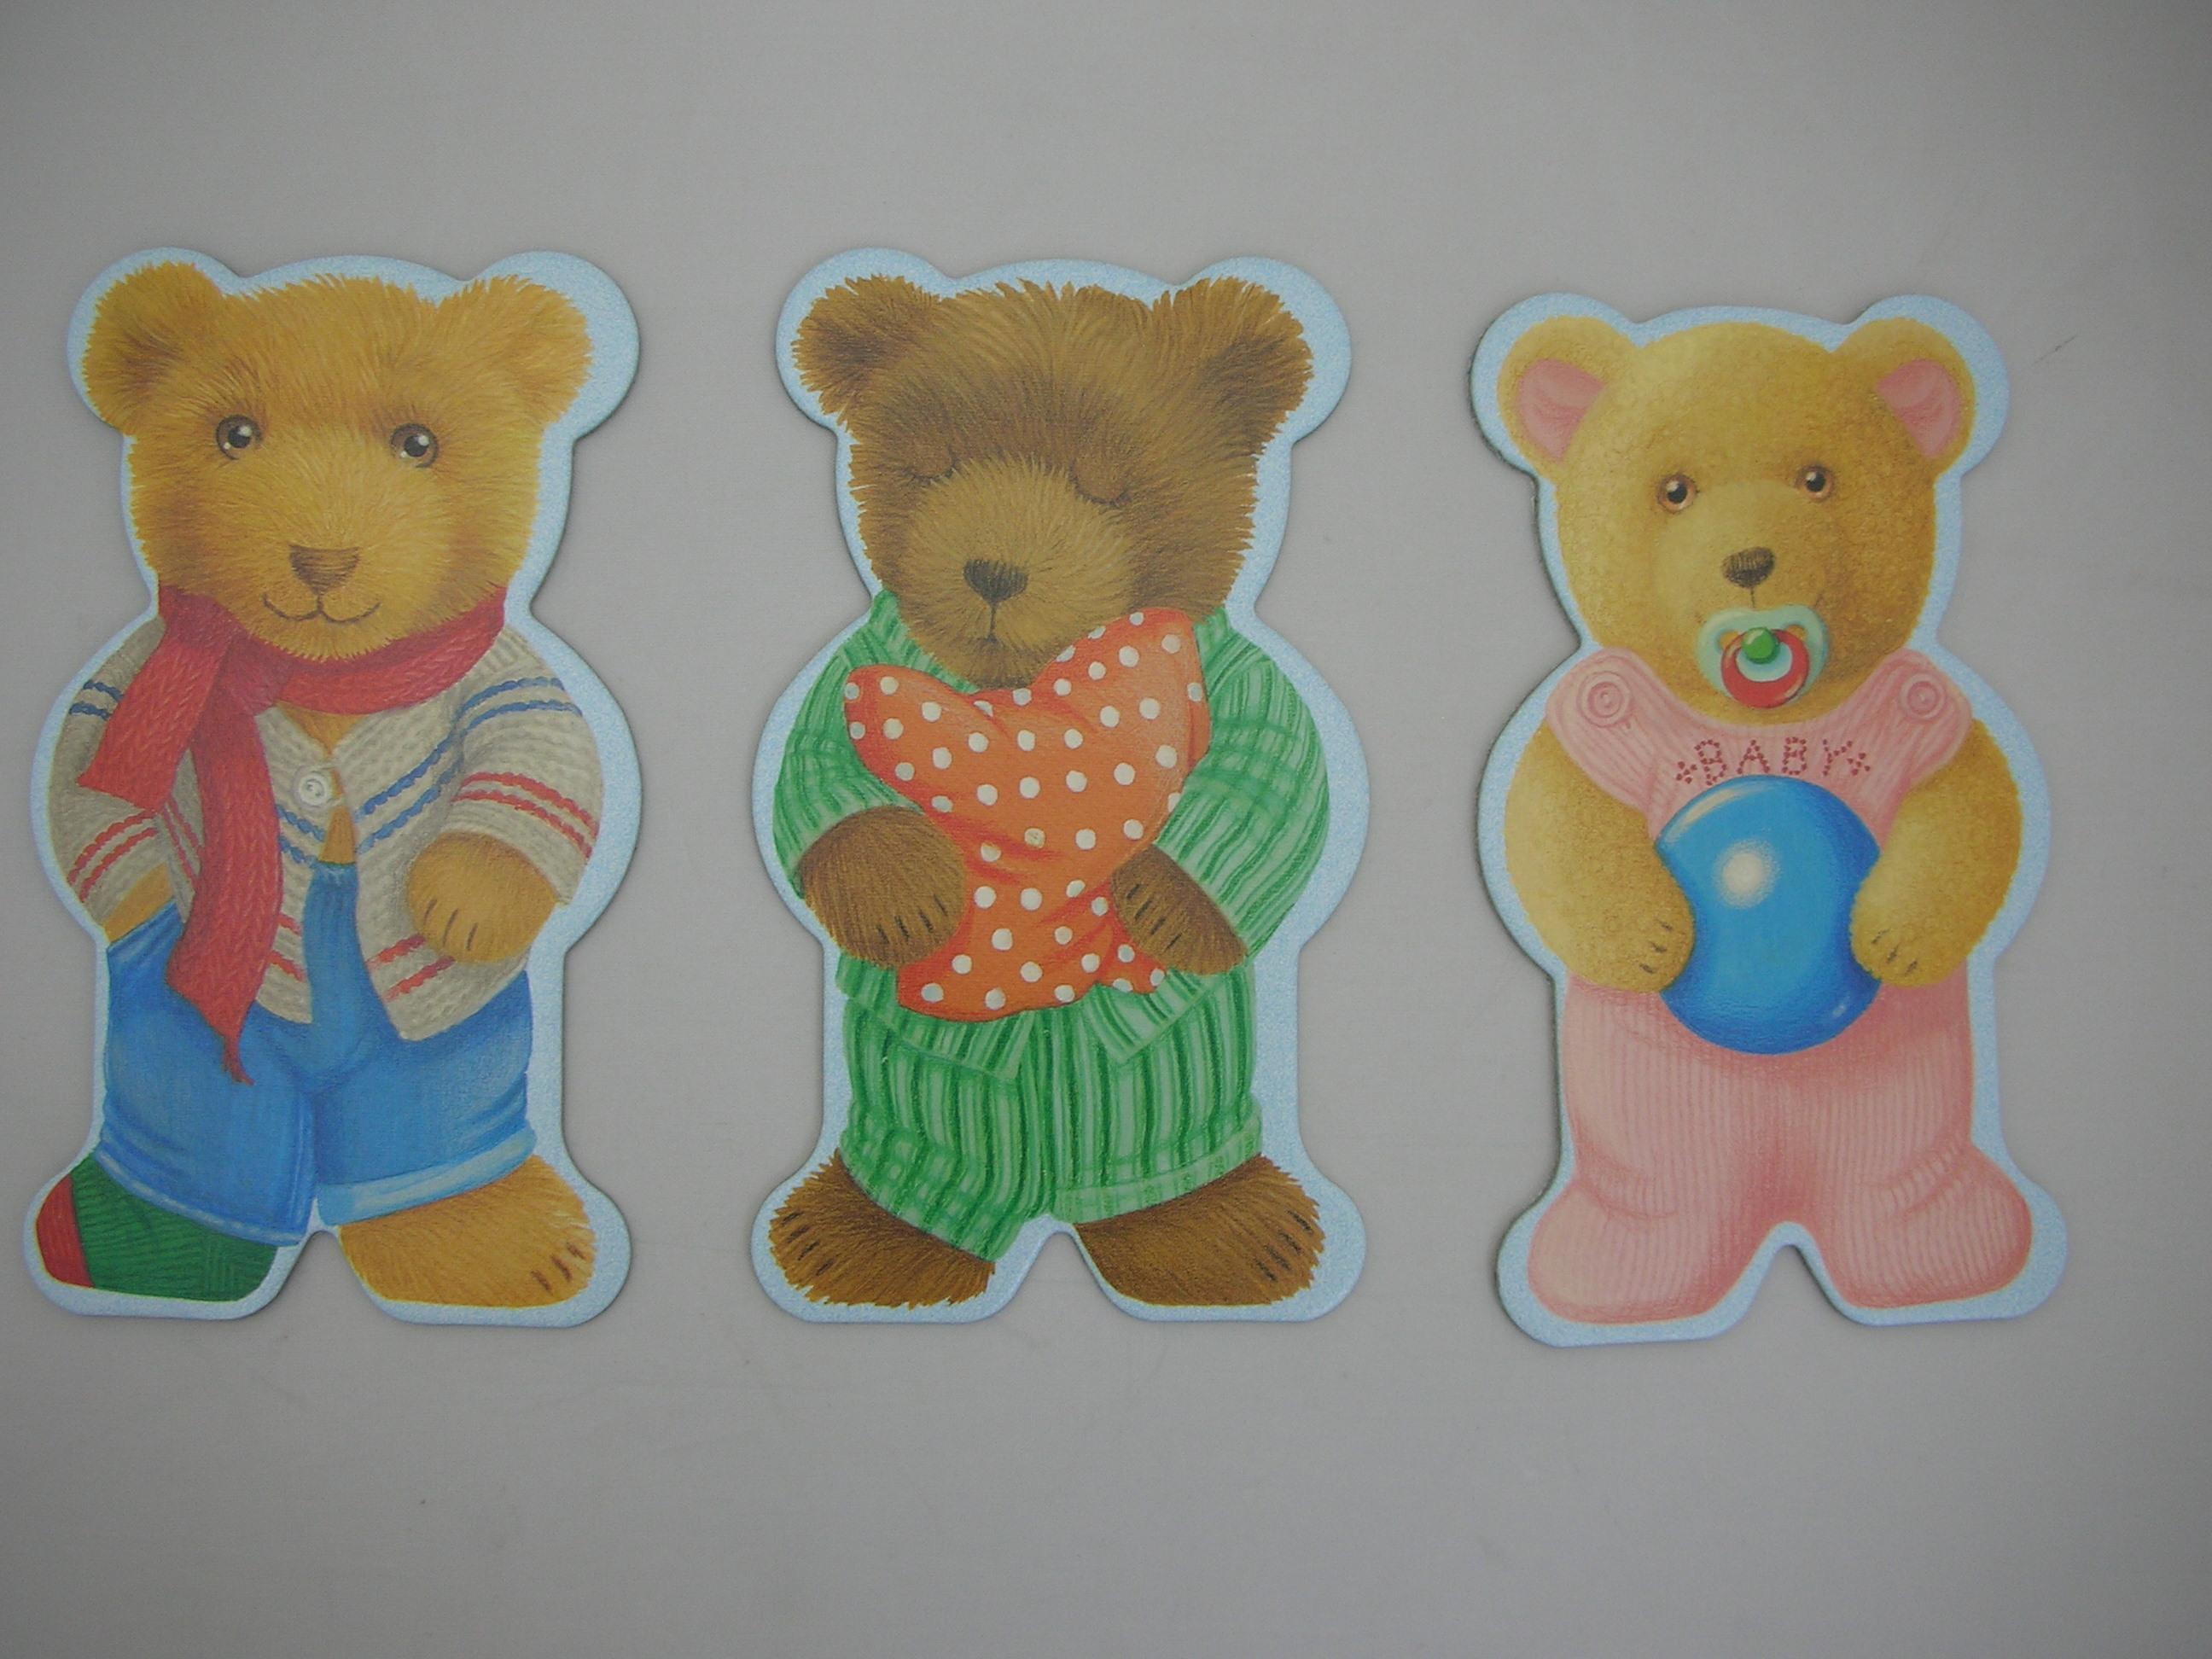 テディメモリー 〜可愛いクマのメモリーゲーム。大きくてごっこ遊びもできちゃいそう。〜